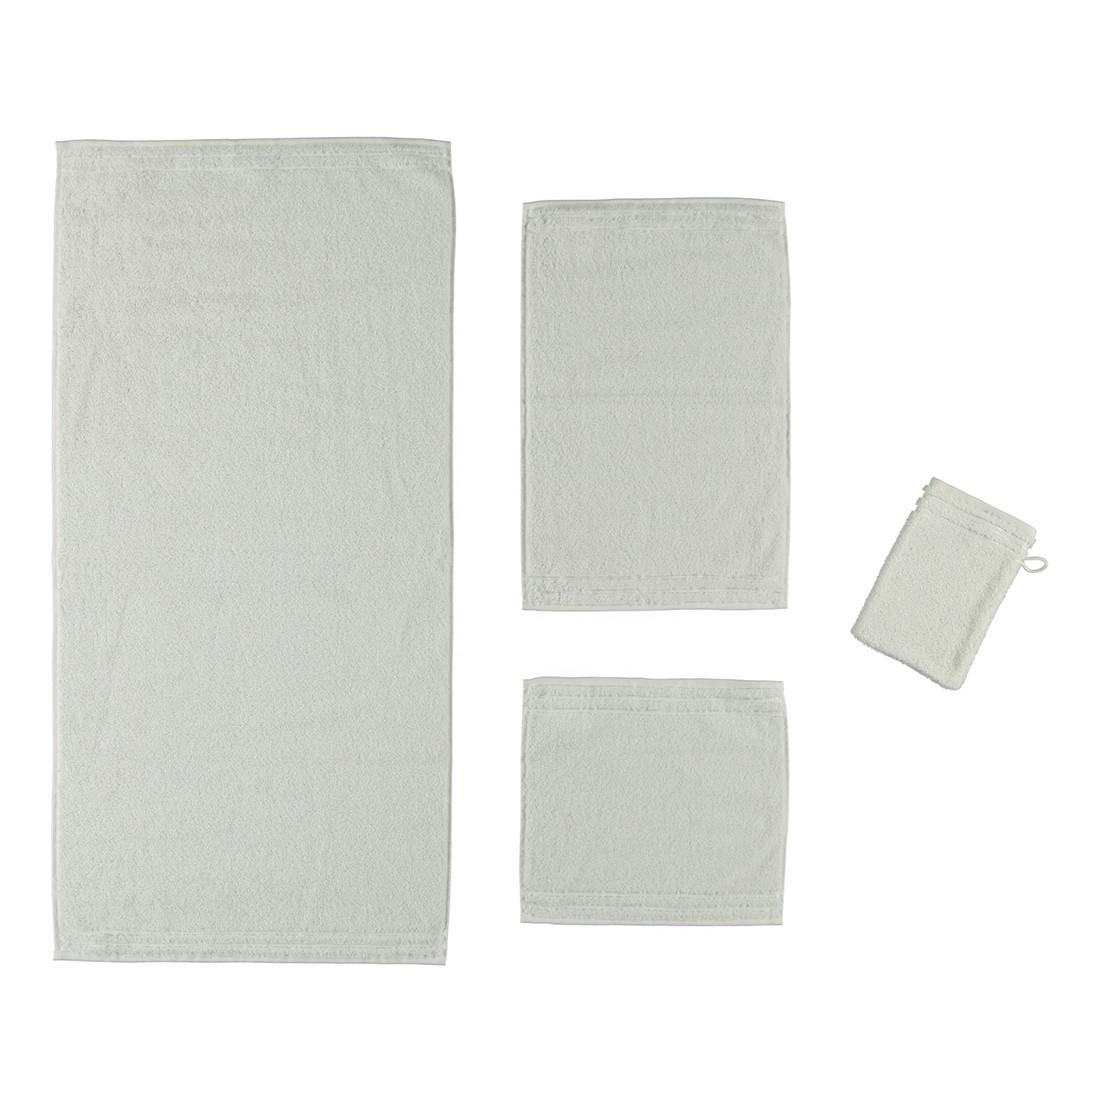 Handtuch Calypso Feeling – 100% Baumwolle Weiß – 030 – Saunatuch: 80 x 200 cm, Vossen günstig